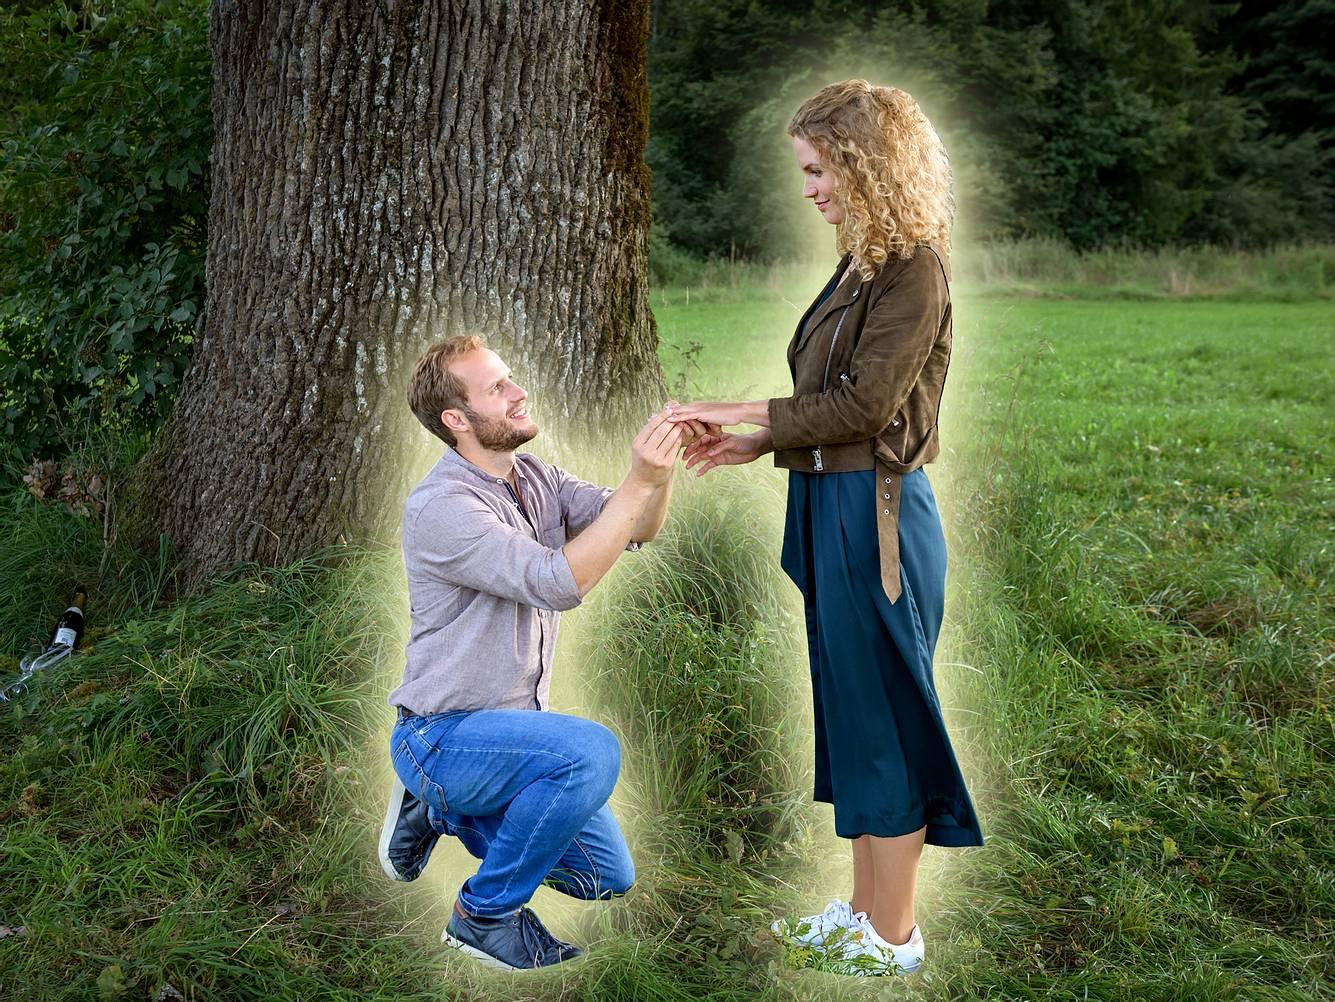 Bei 'Sturm der Liebe' macht Florian Maja einen Heiratsantrag.